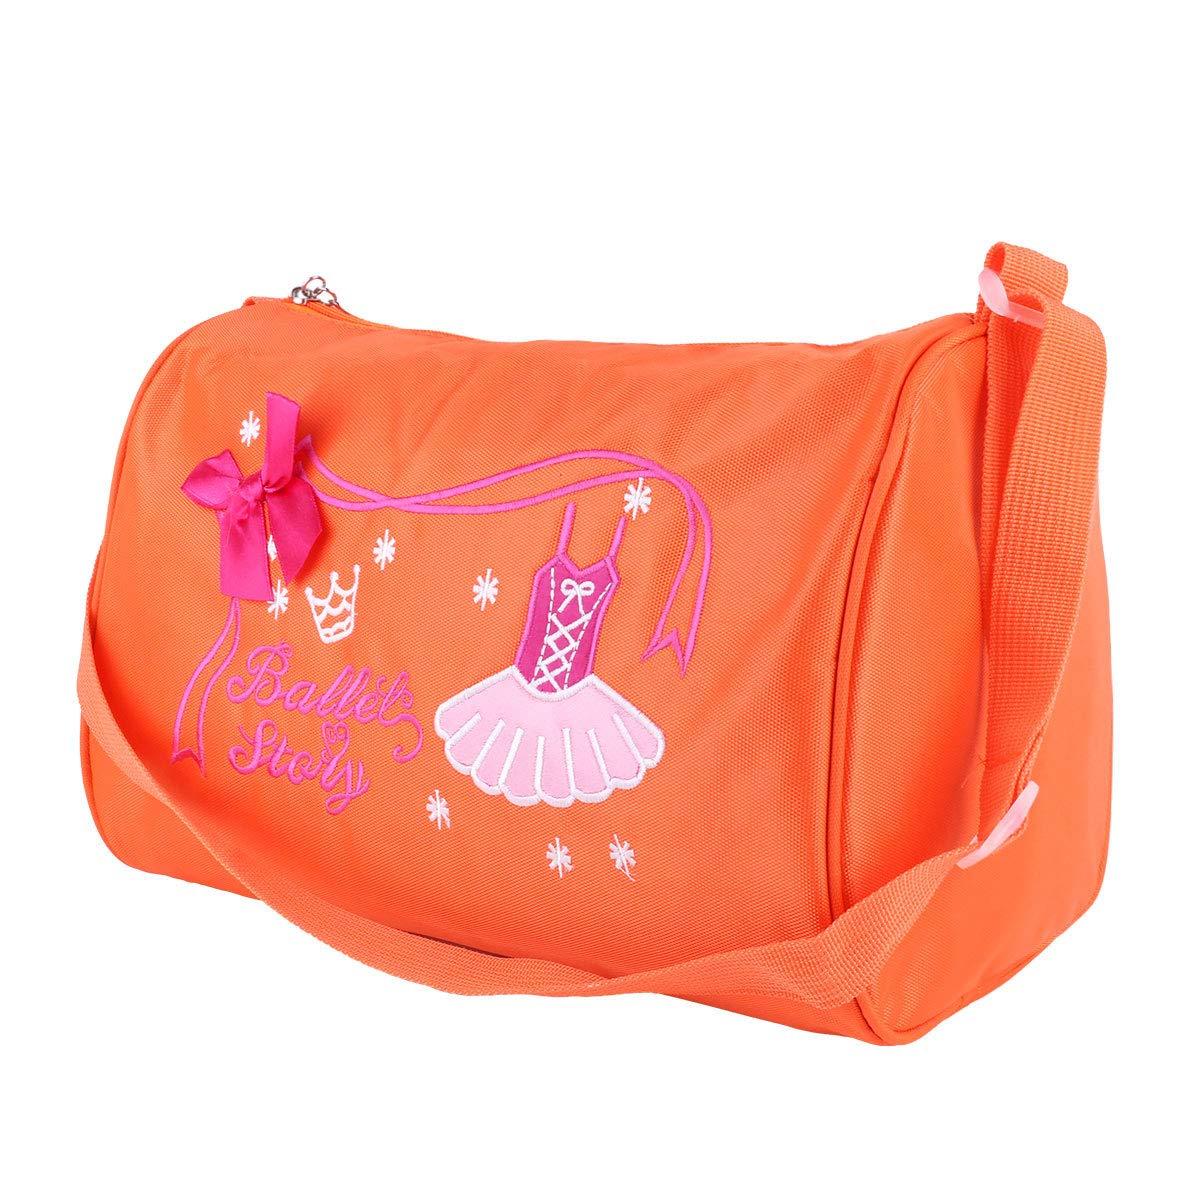 Mädchen Kinder Ballett Tanz Taschen Handtasche Tote Seesack Schwimmen Umhängetas